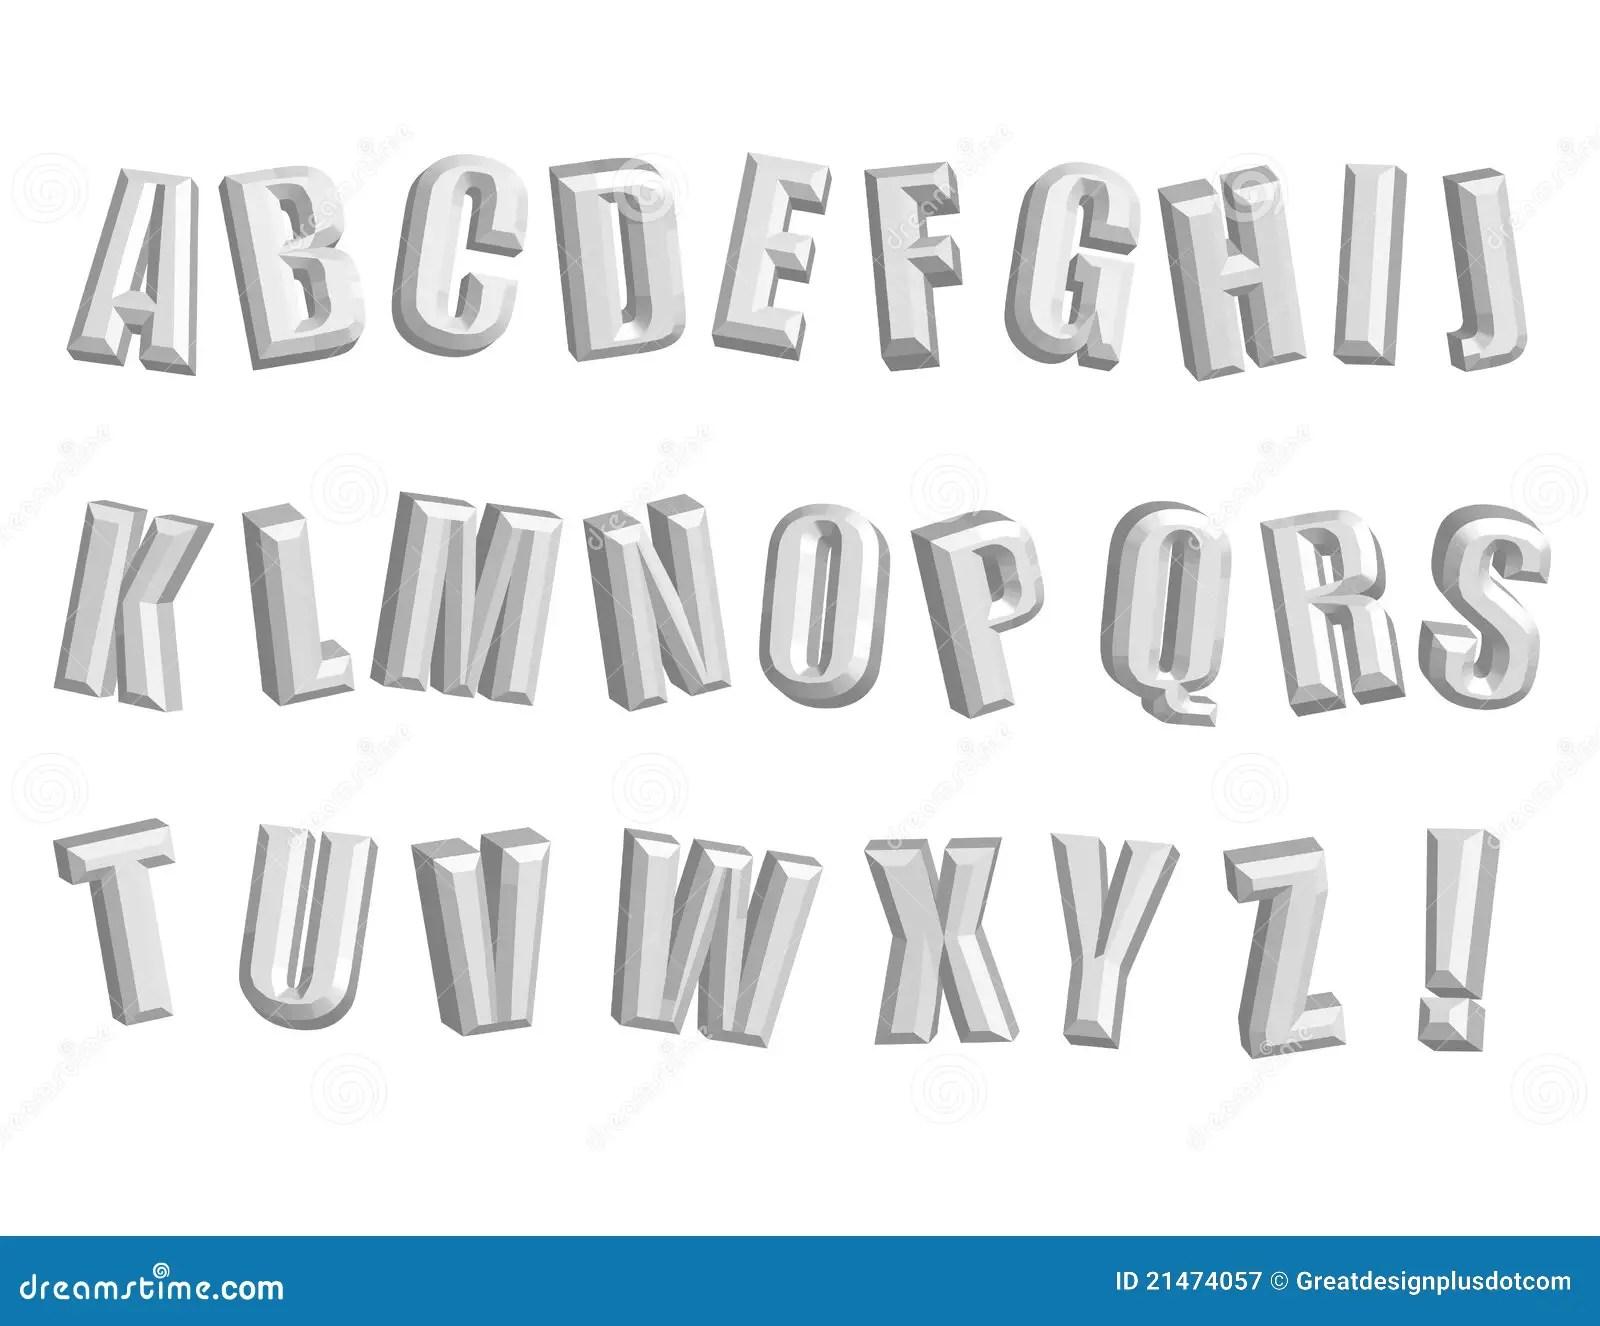 Awesome 3d Alphabet Vector Clip Art Stock Vector